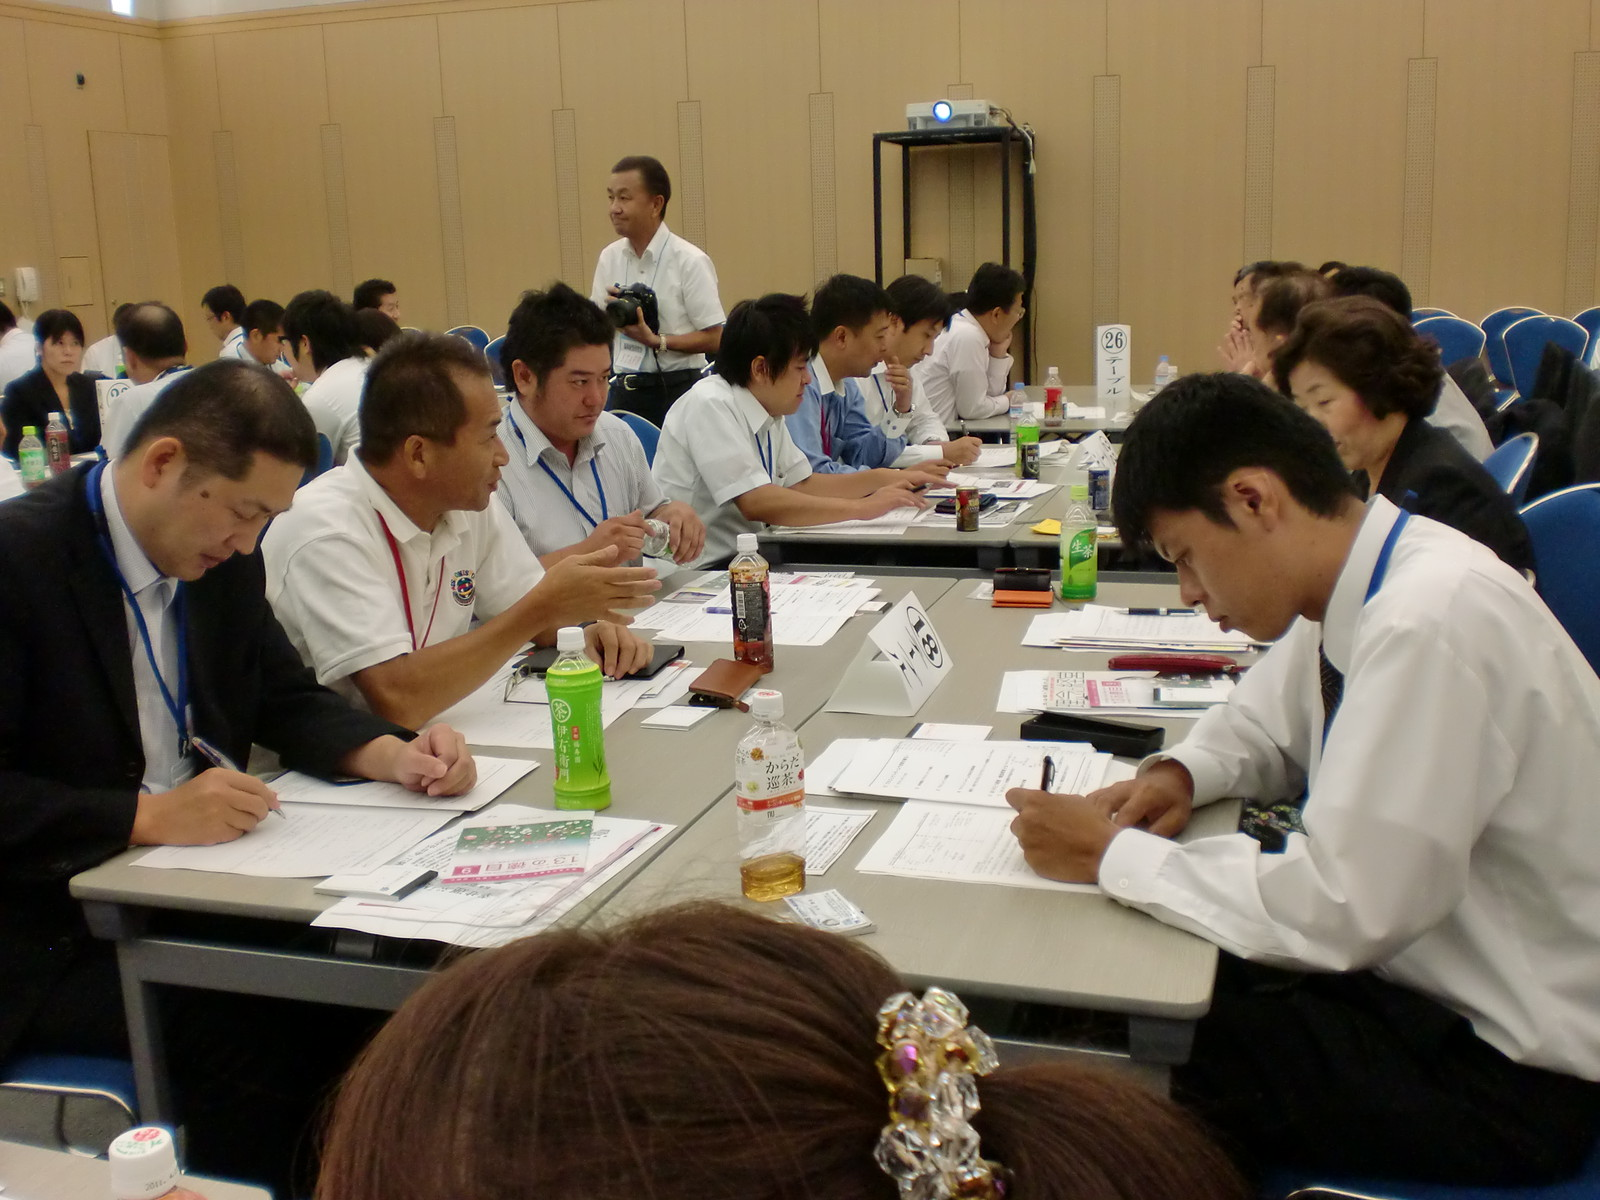 7月リーダーシップ委員会に参加しました。